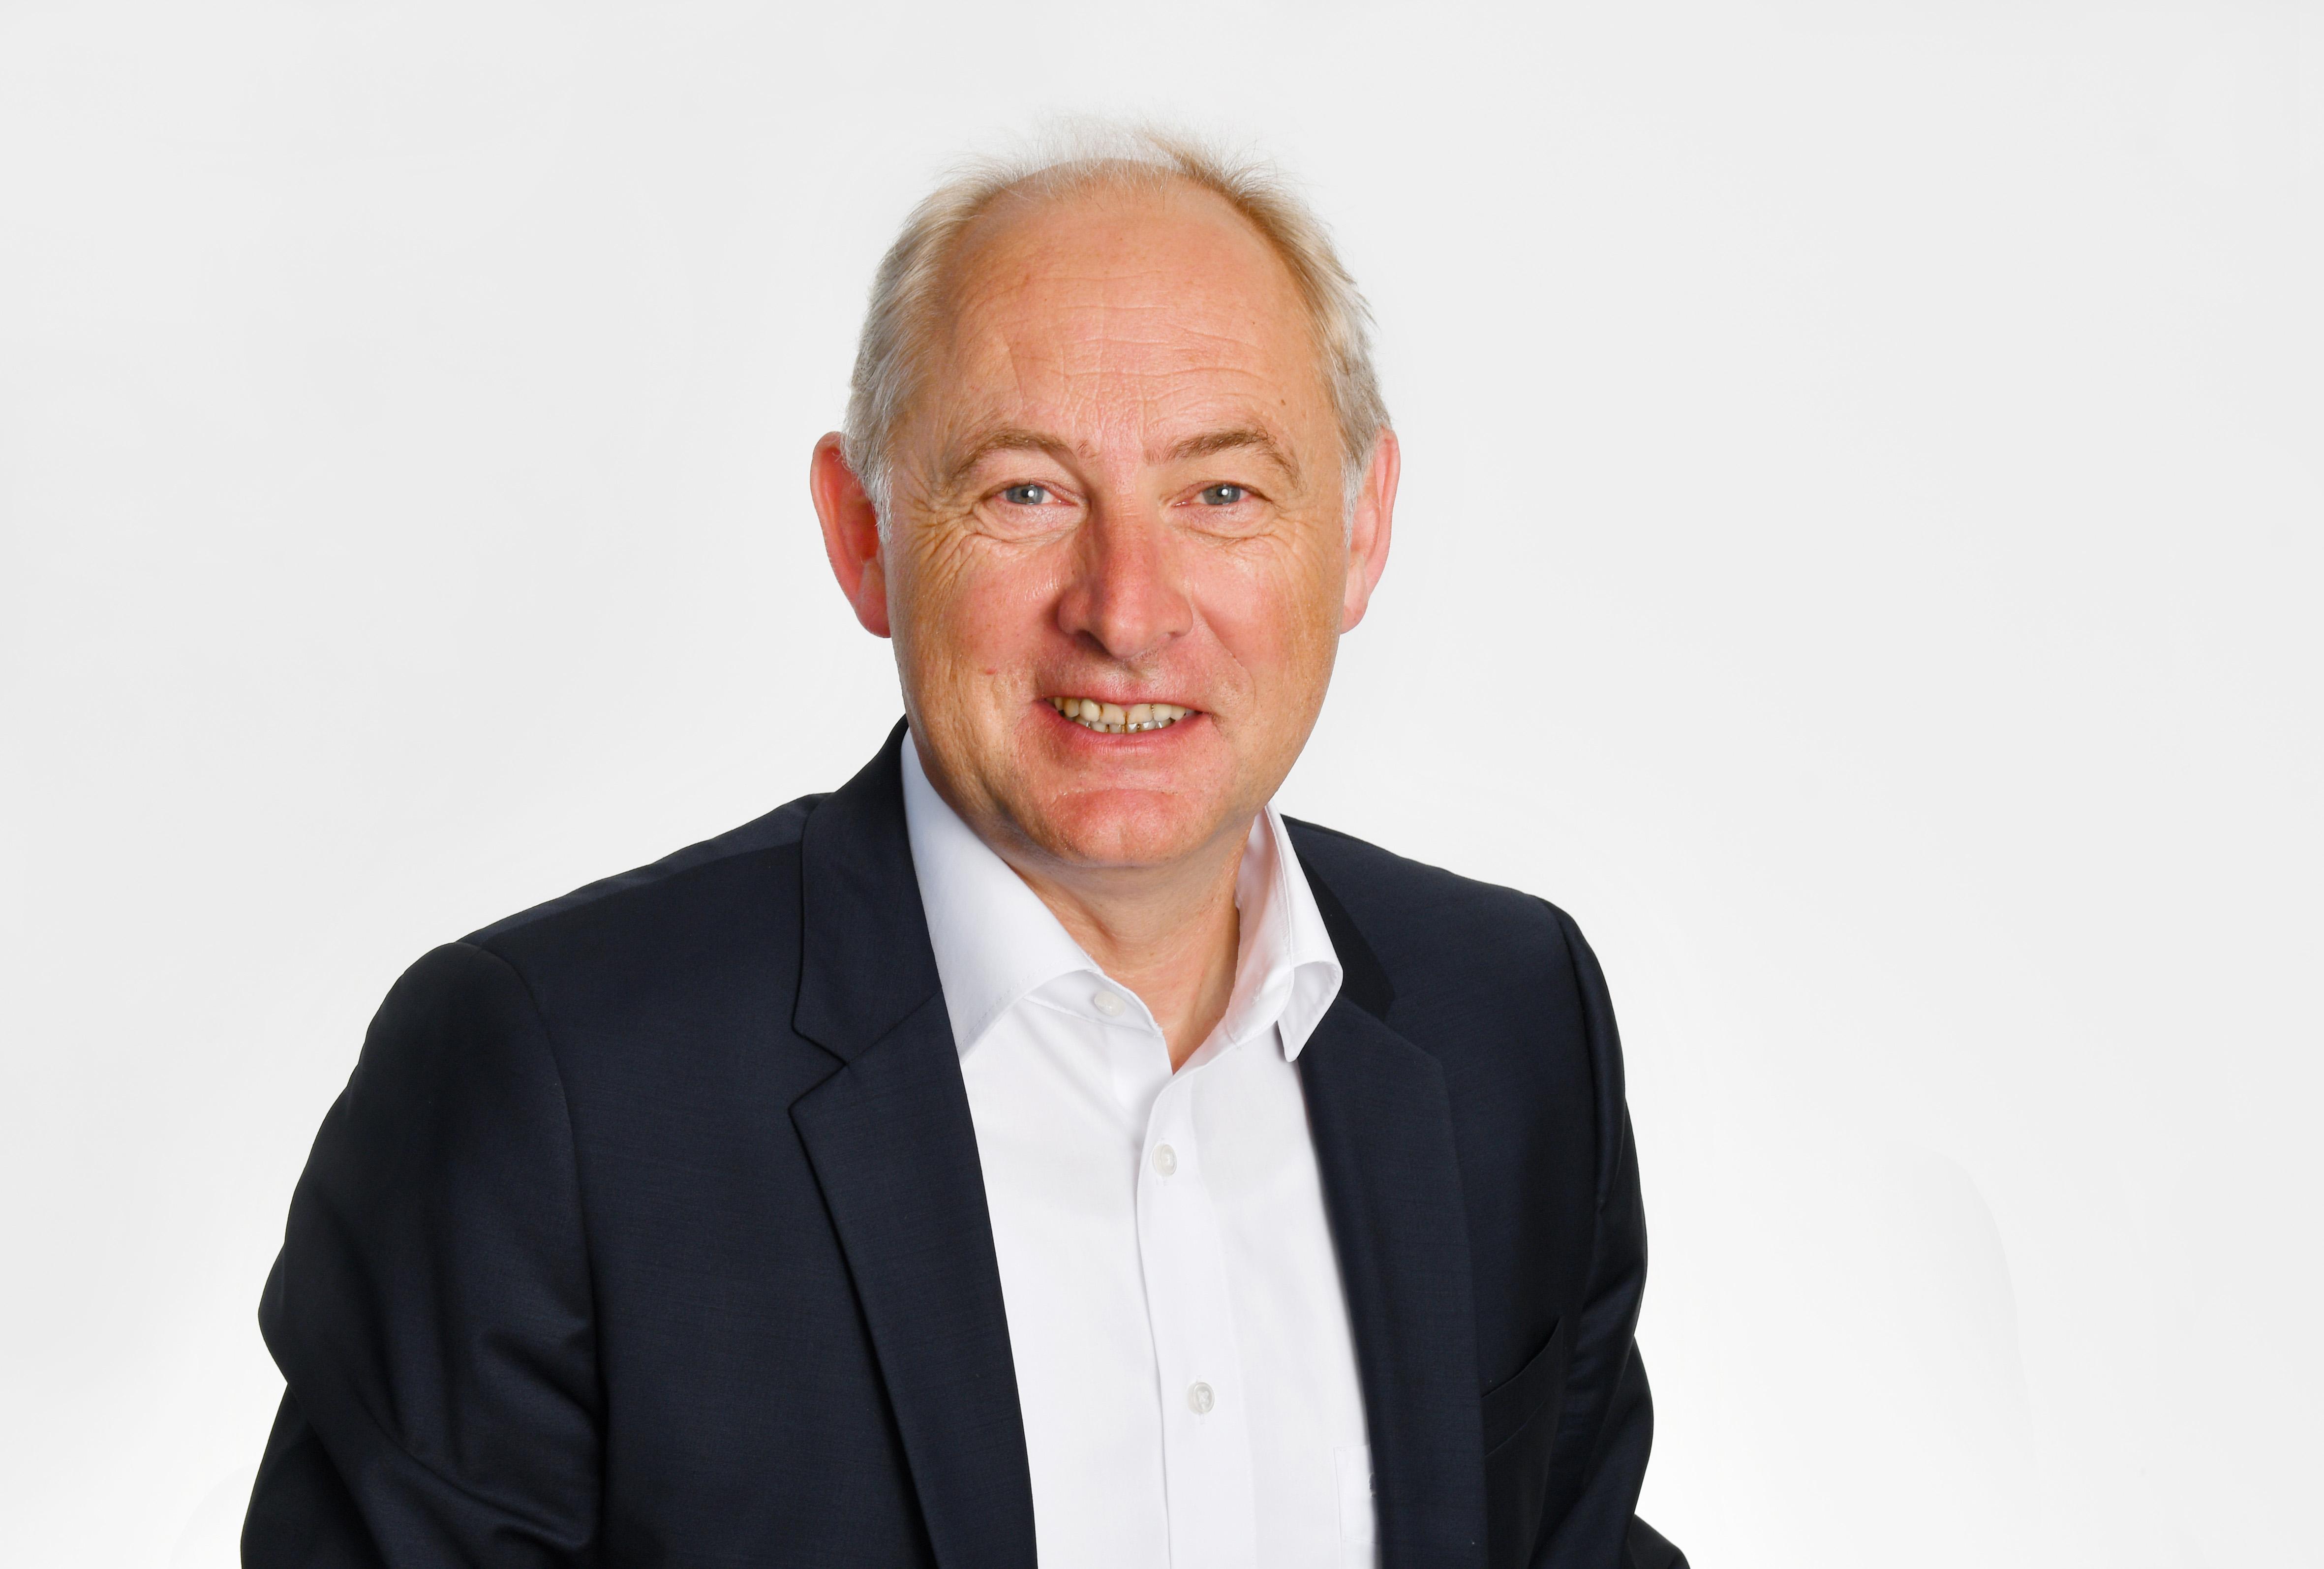 Jens Wismann